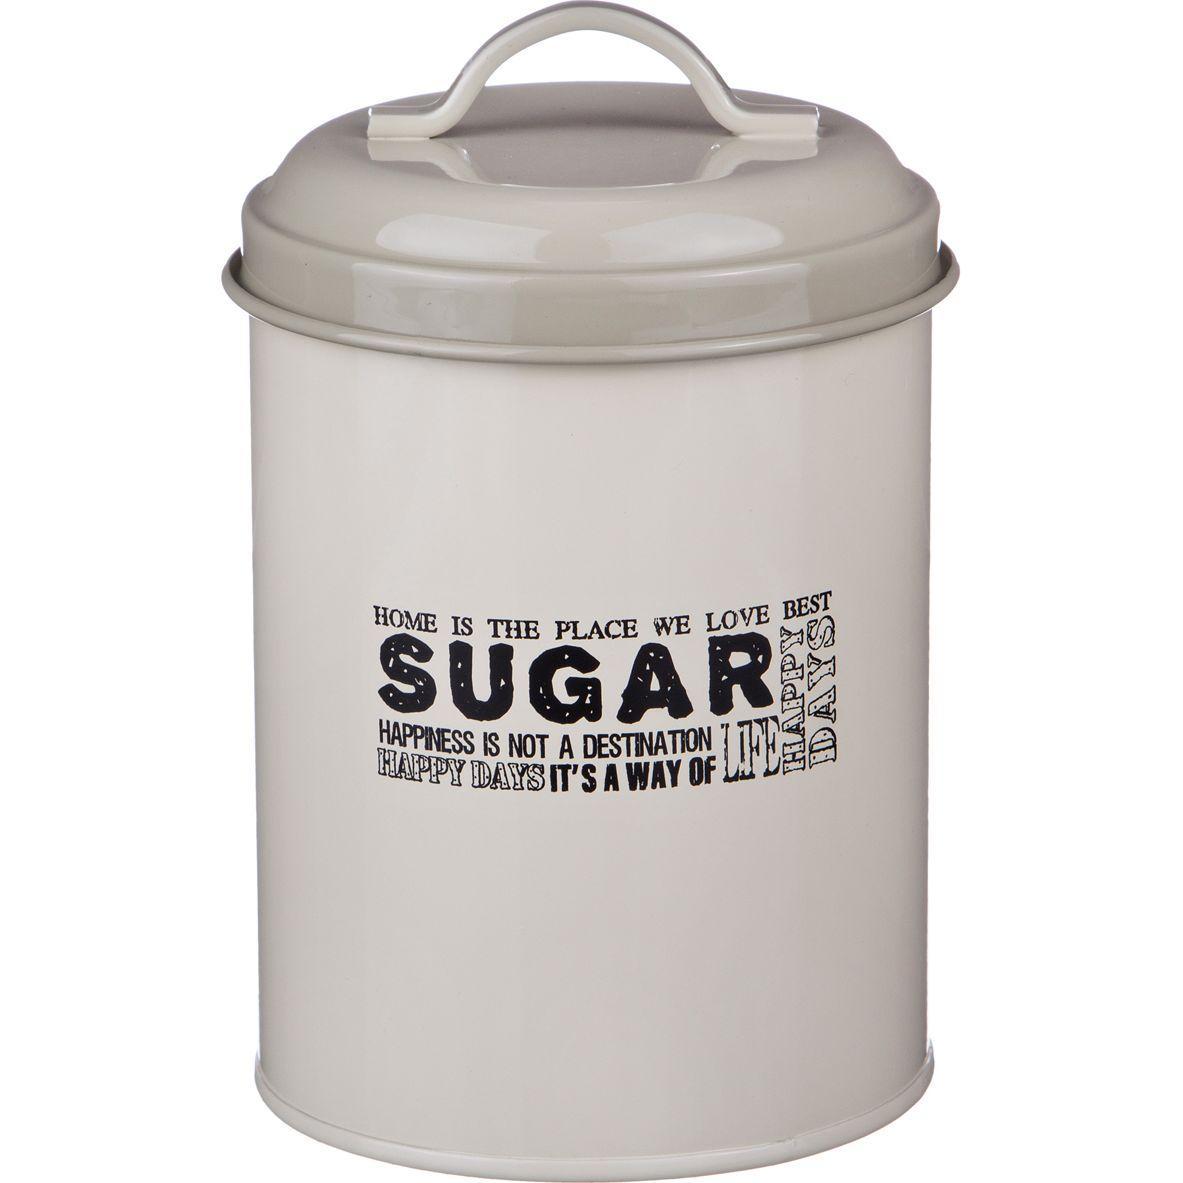 Емкость для сыпучих продуктов Agness высота 15 см., диаметр 11 см.